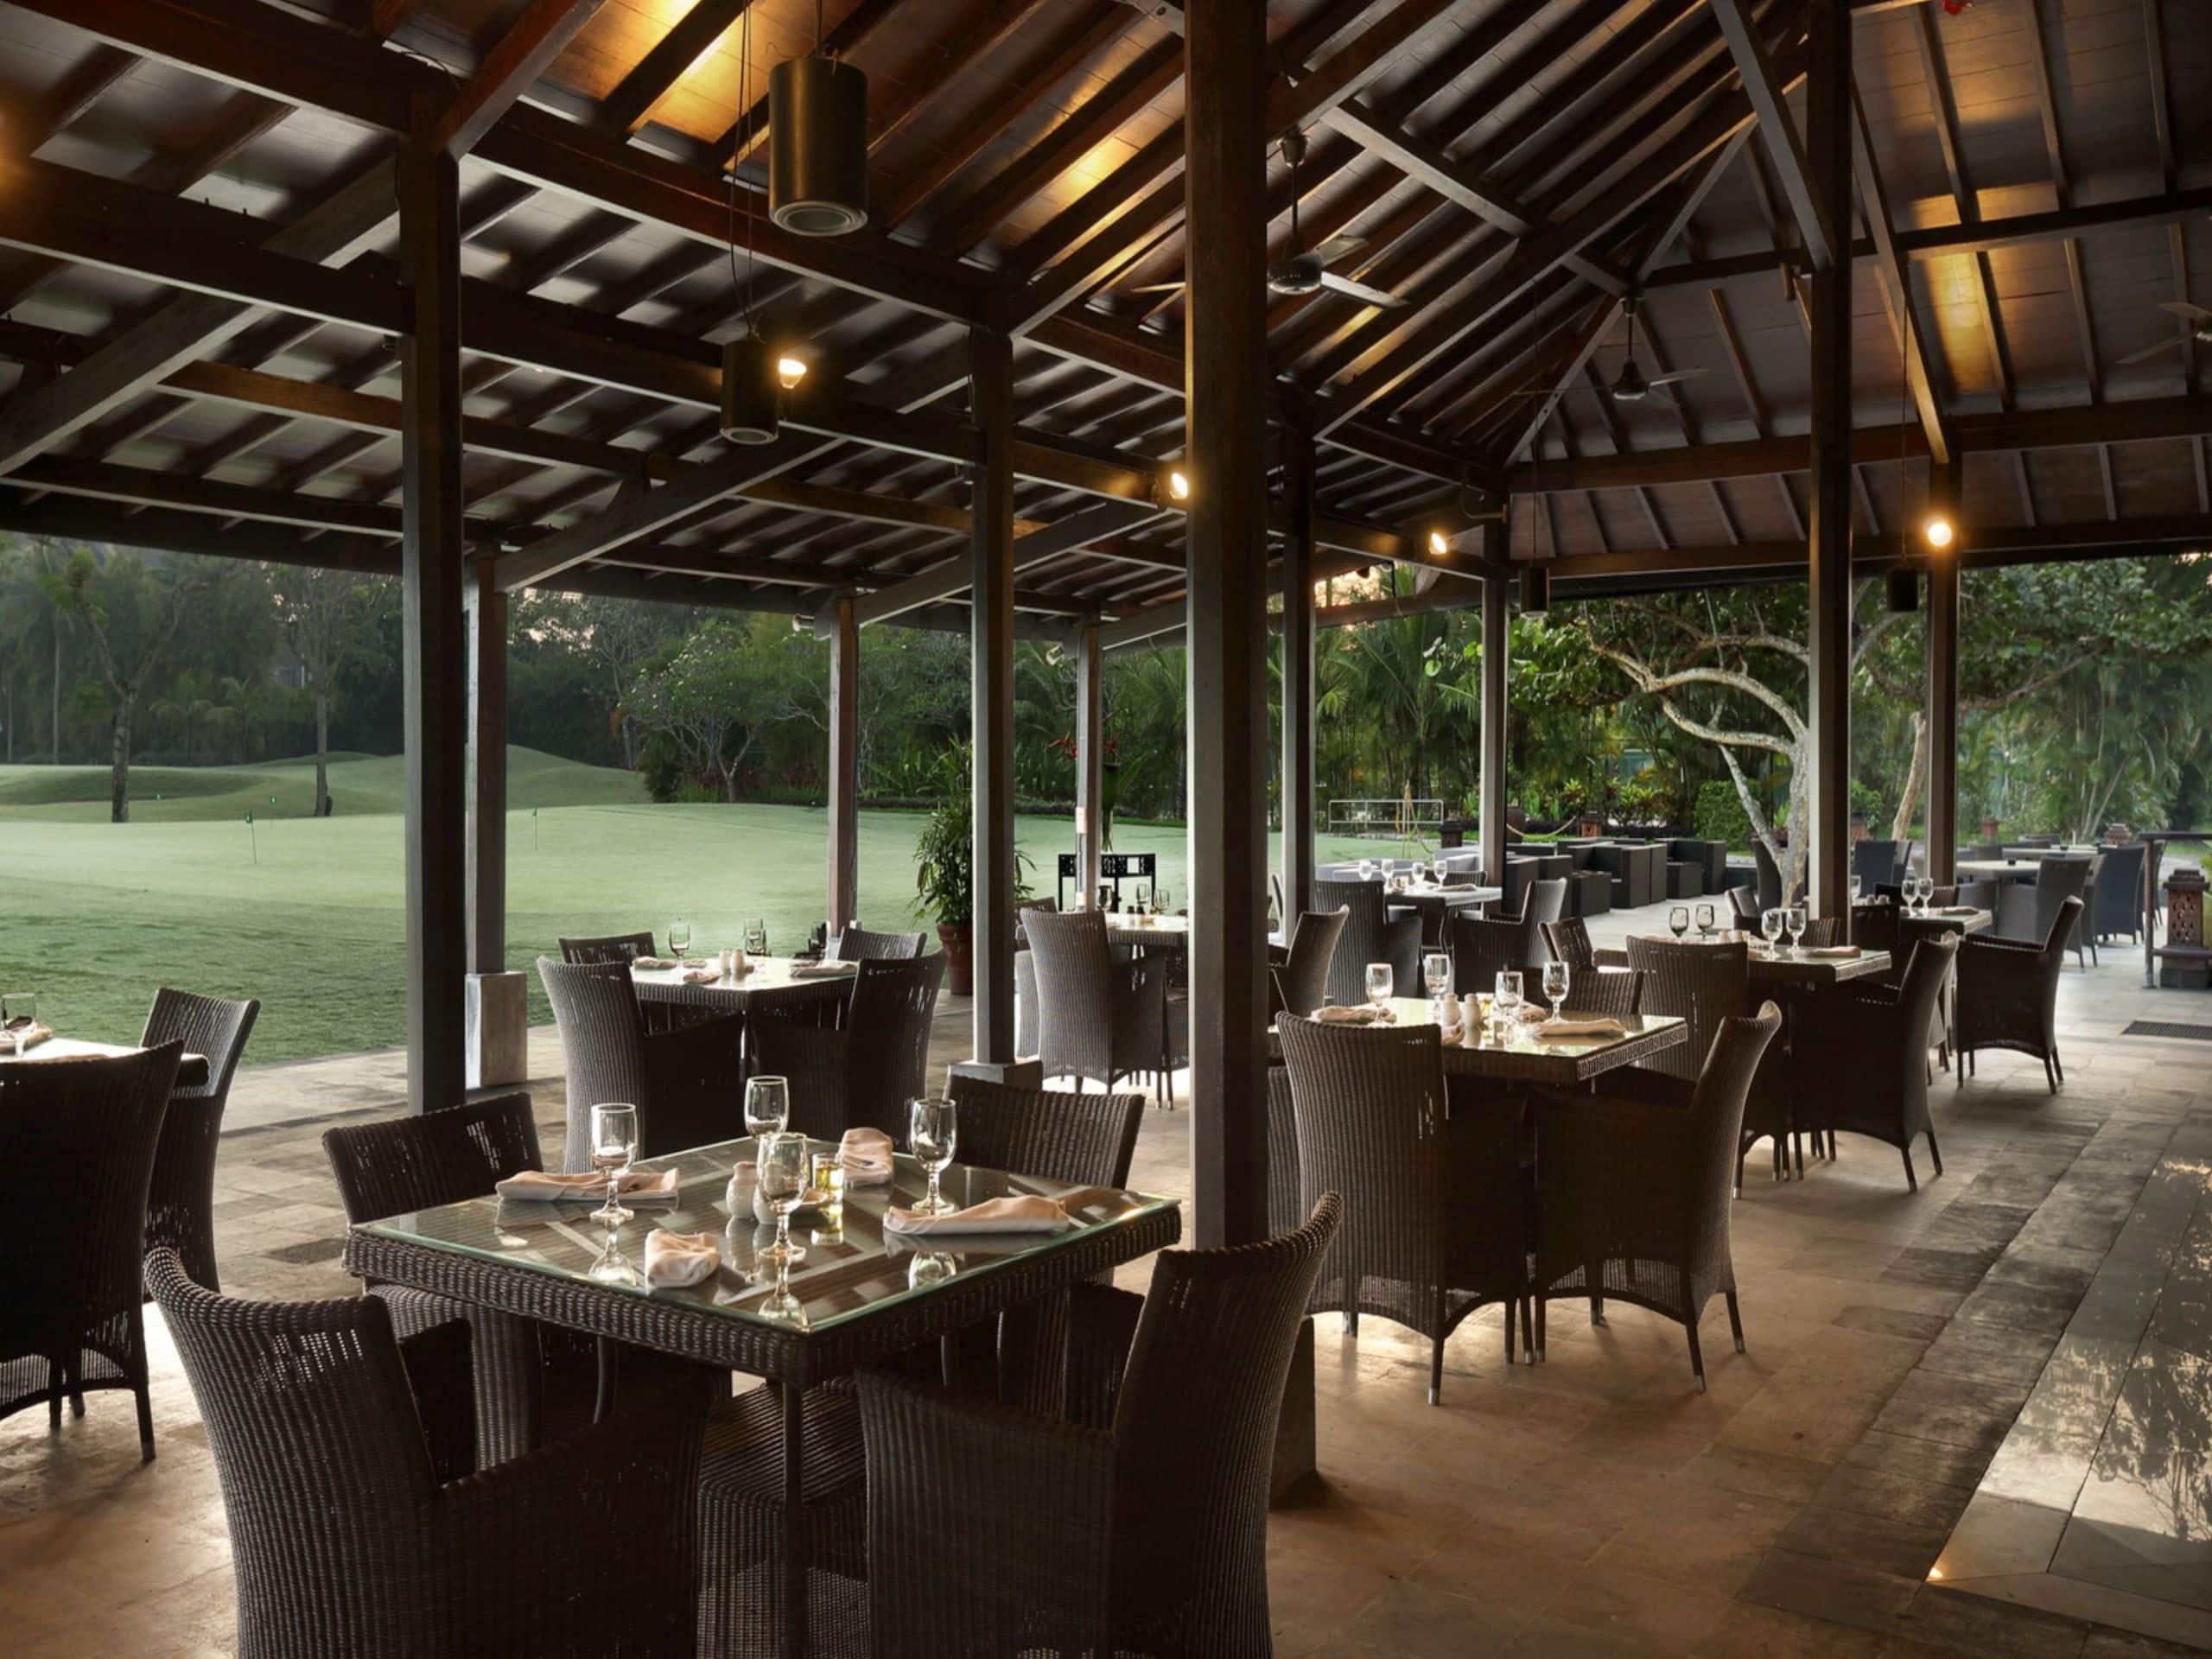 Restaurants Yogyakarta Indonesia Hyatt Regency Yogyakarta